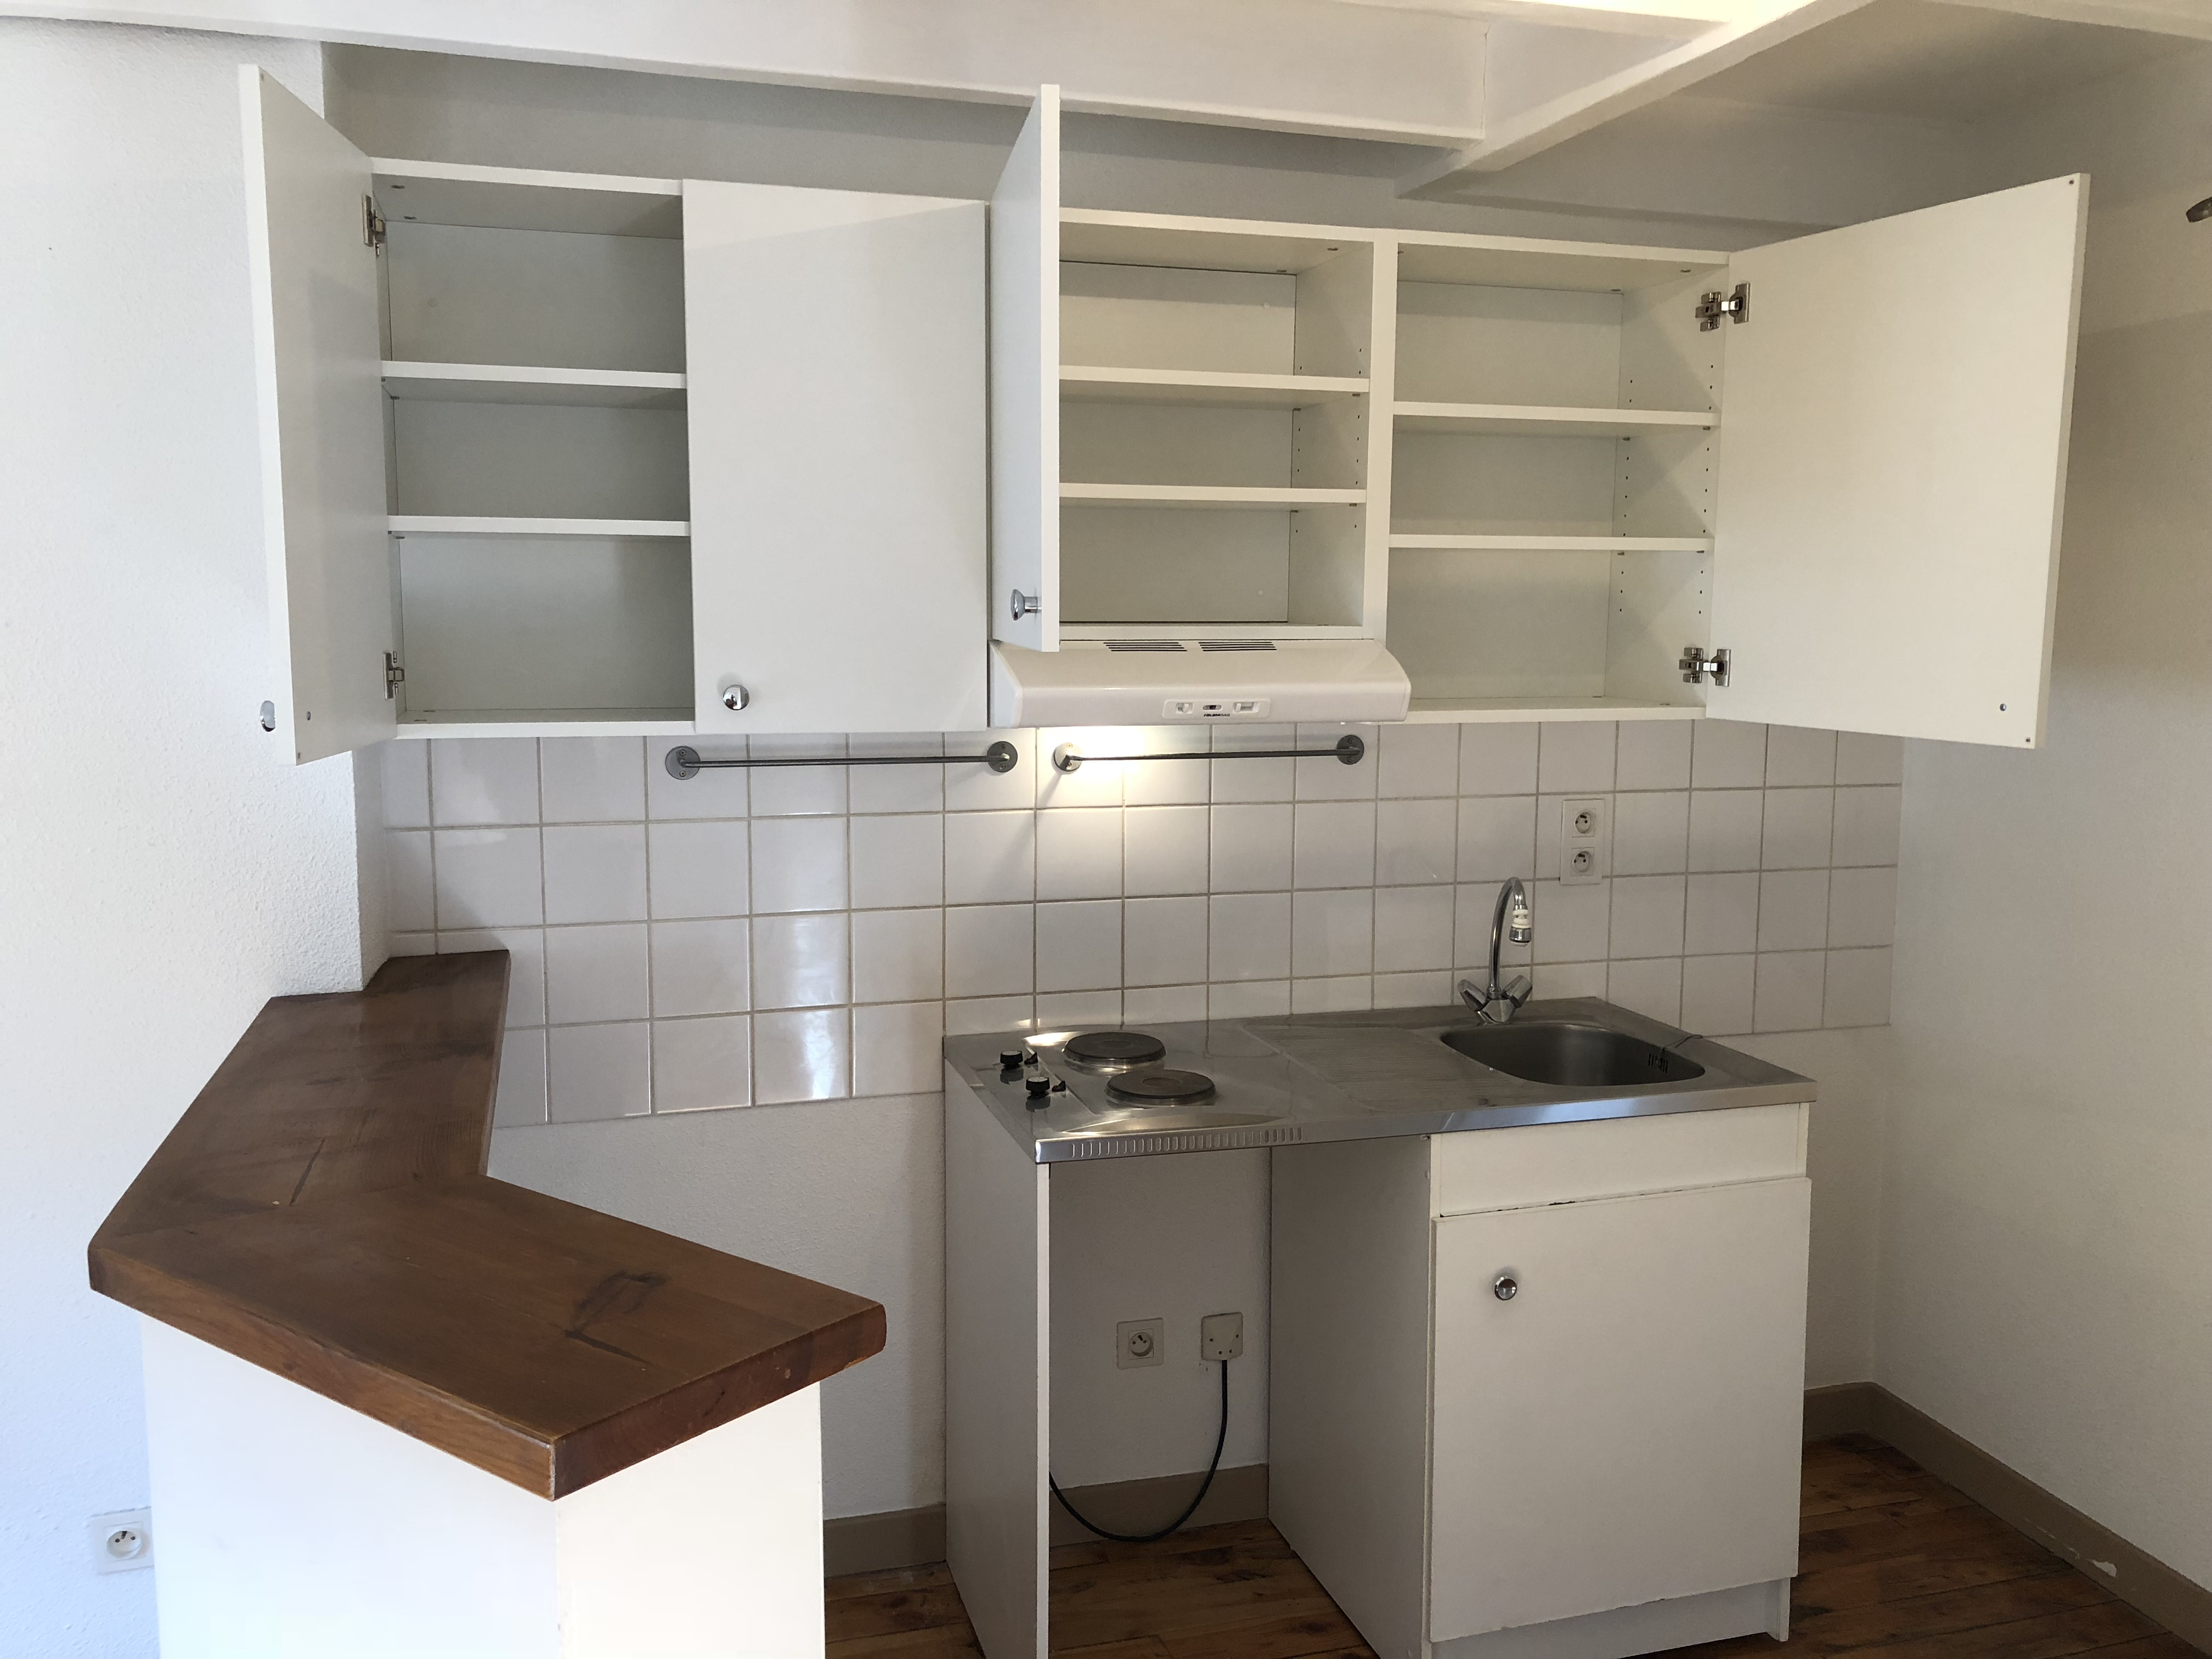 Meuble haut pour petite cuisine md design - Meubles pour petite cuisine ...